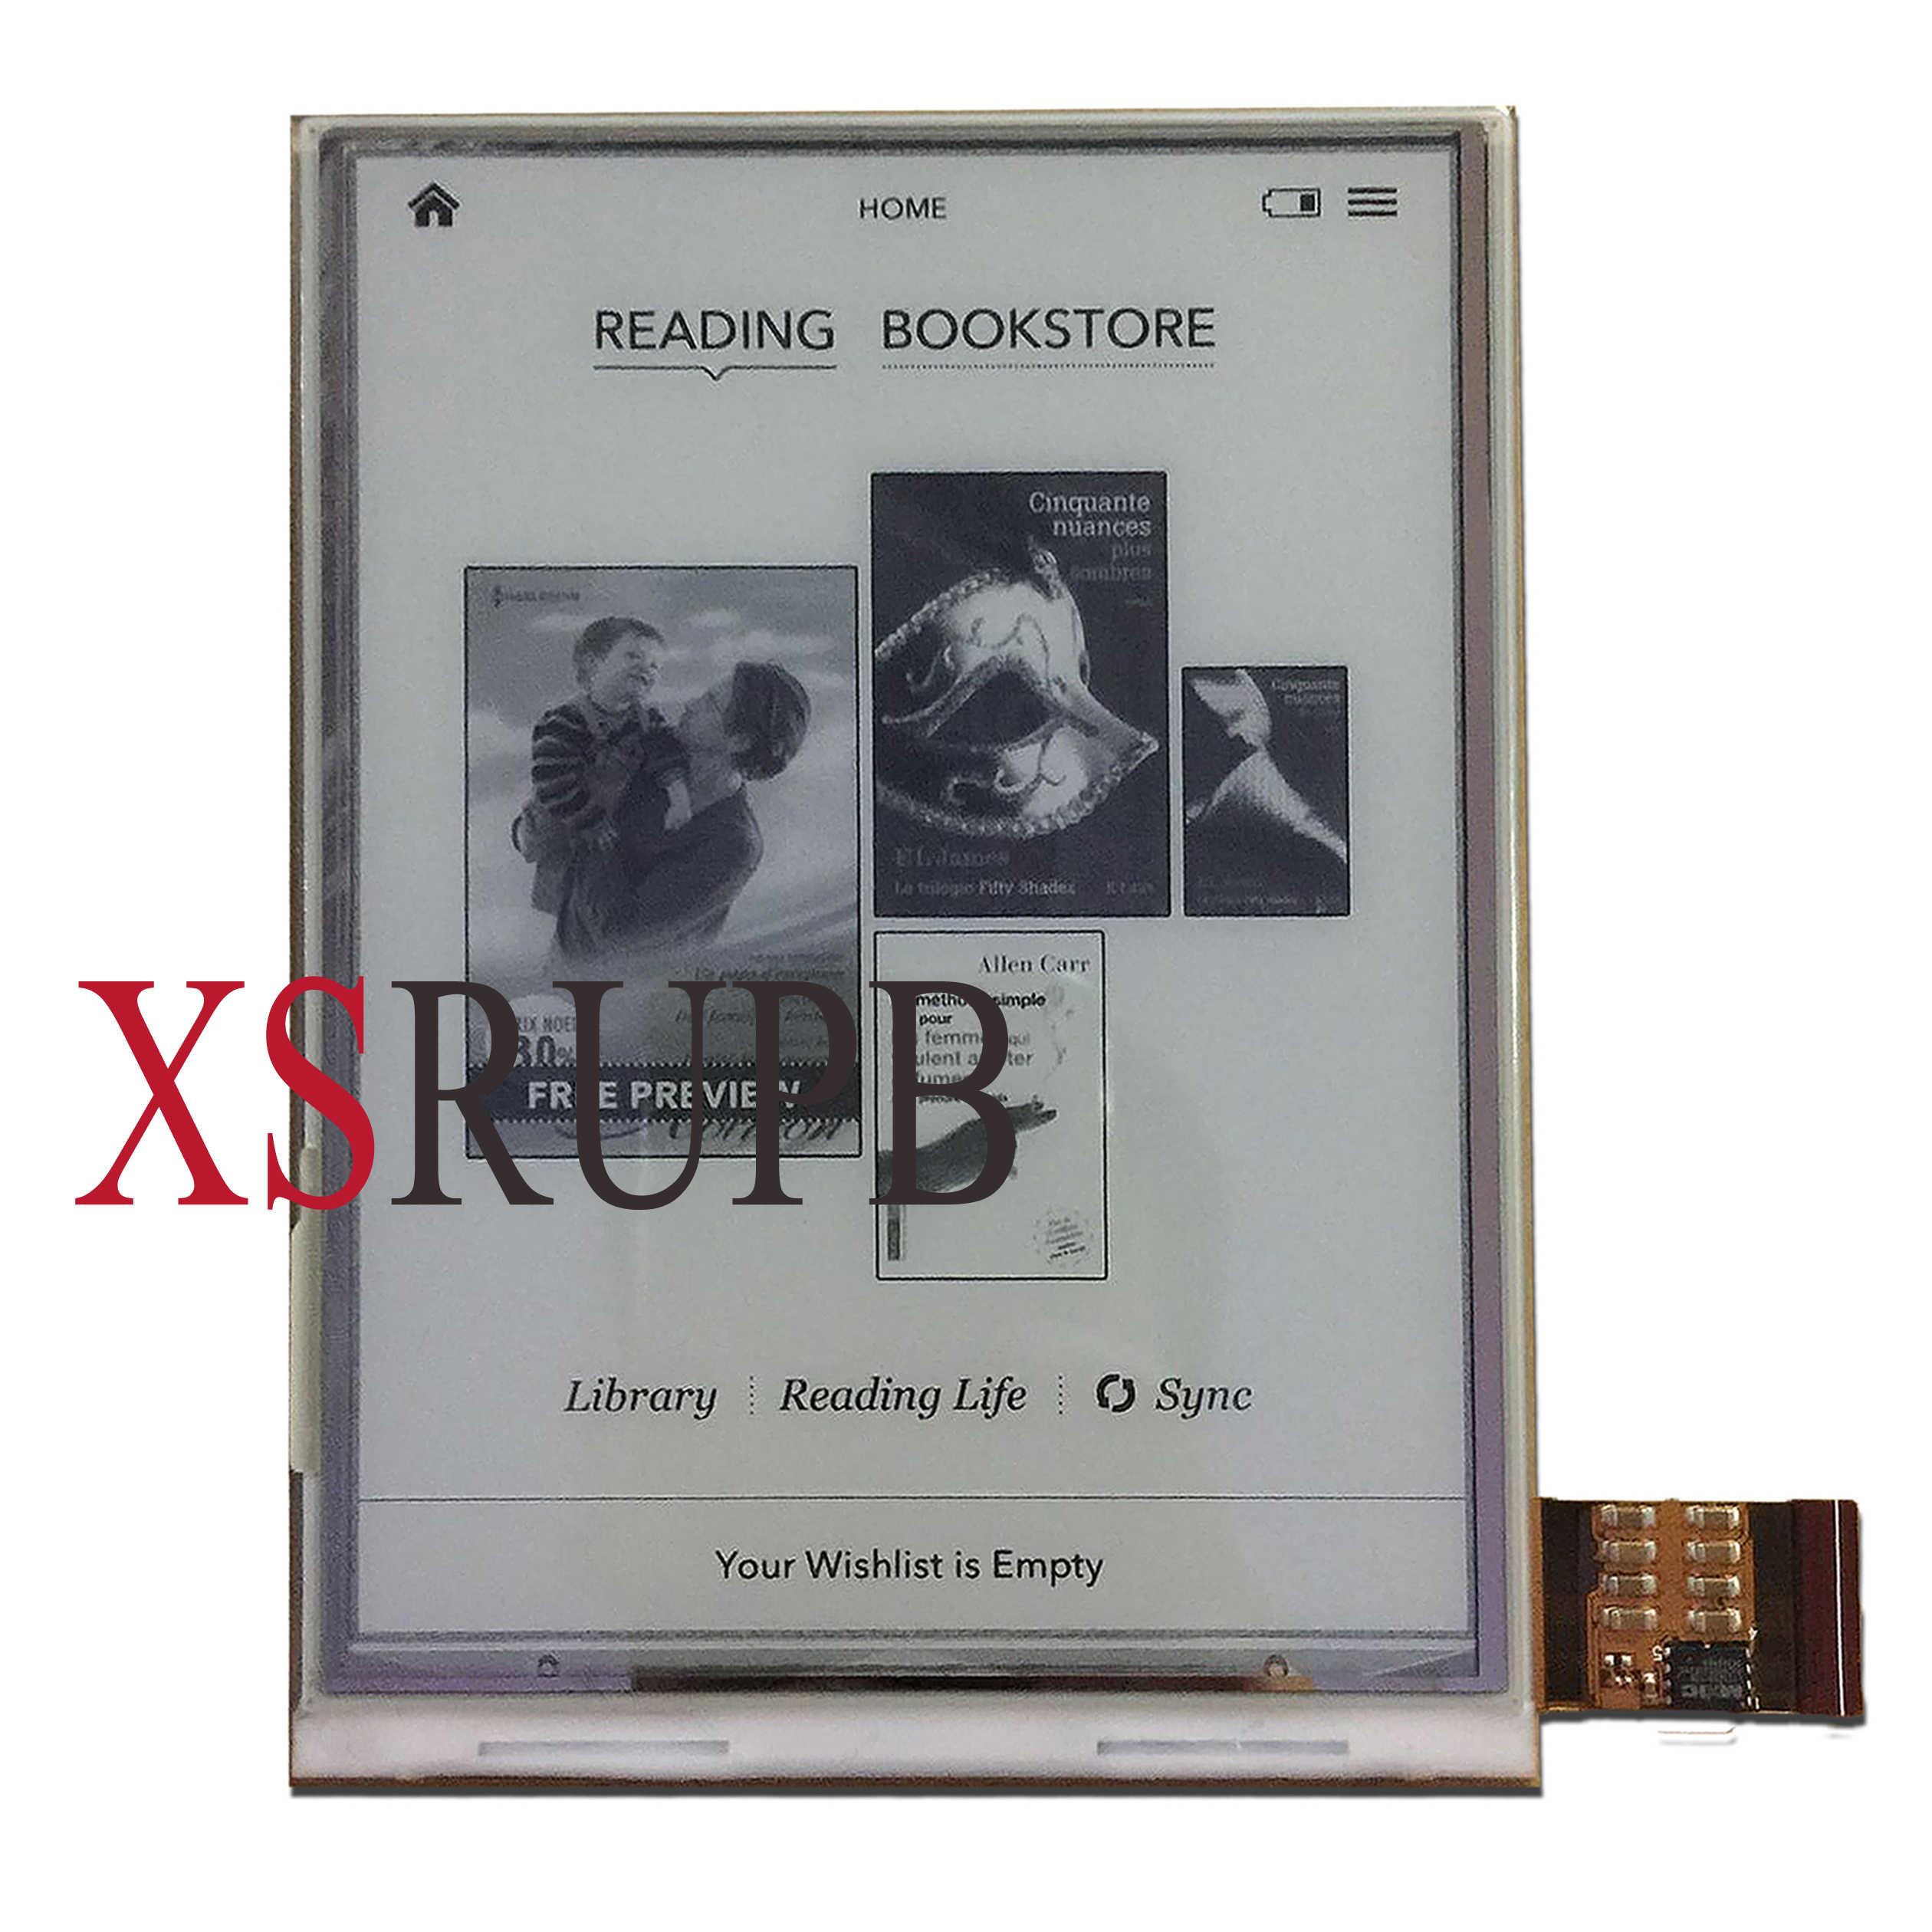 شاشة عرض إل سي دي 6 بوصة حبر إلكتروني لأجهزة Gmini MagicBook S6HD شاشة قراءة مصفوفة أونيكس بوكس أموندسين شحن مجاني